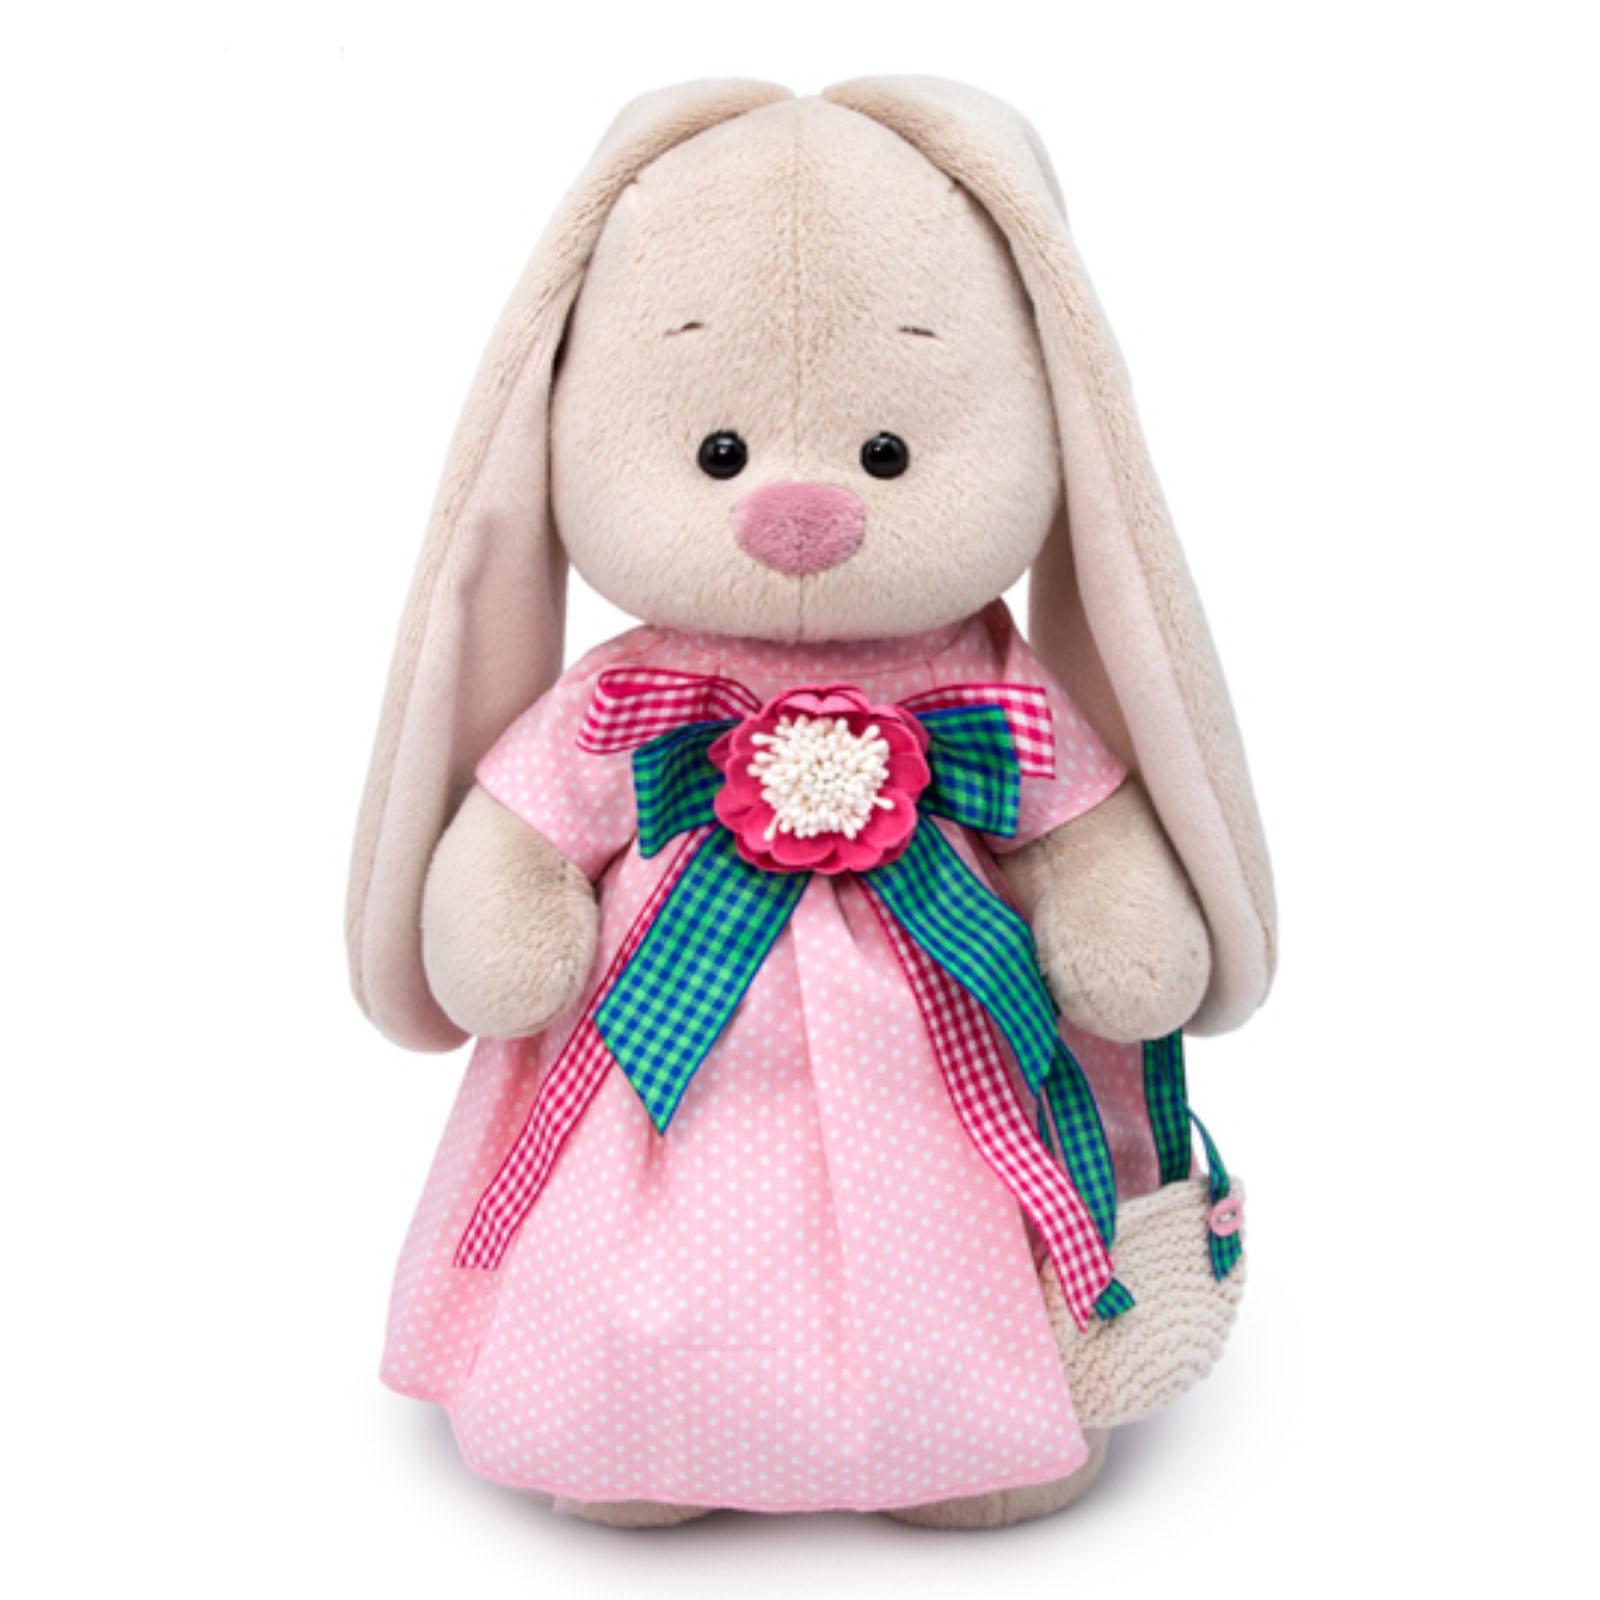 Купить Мягкая игрушка BUDI BASA Зайка Ми Розовая дымка, 32 см, Россия